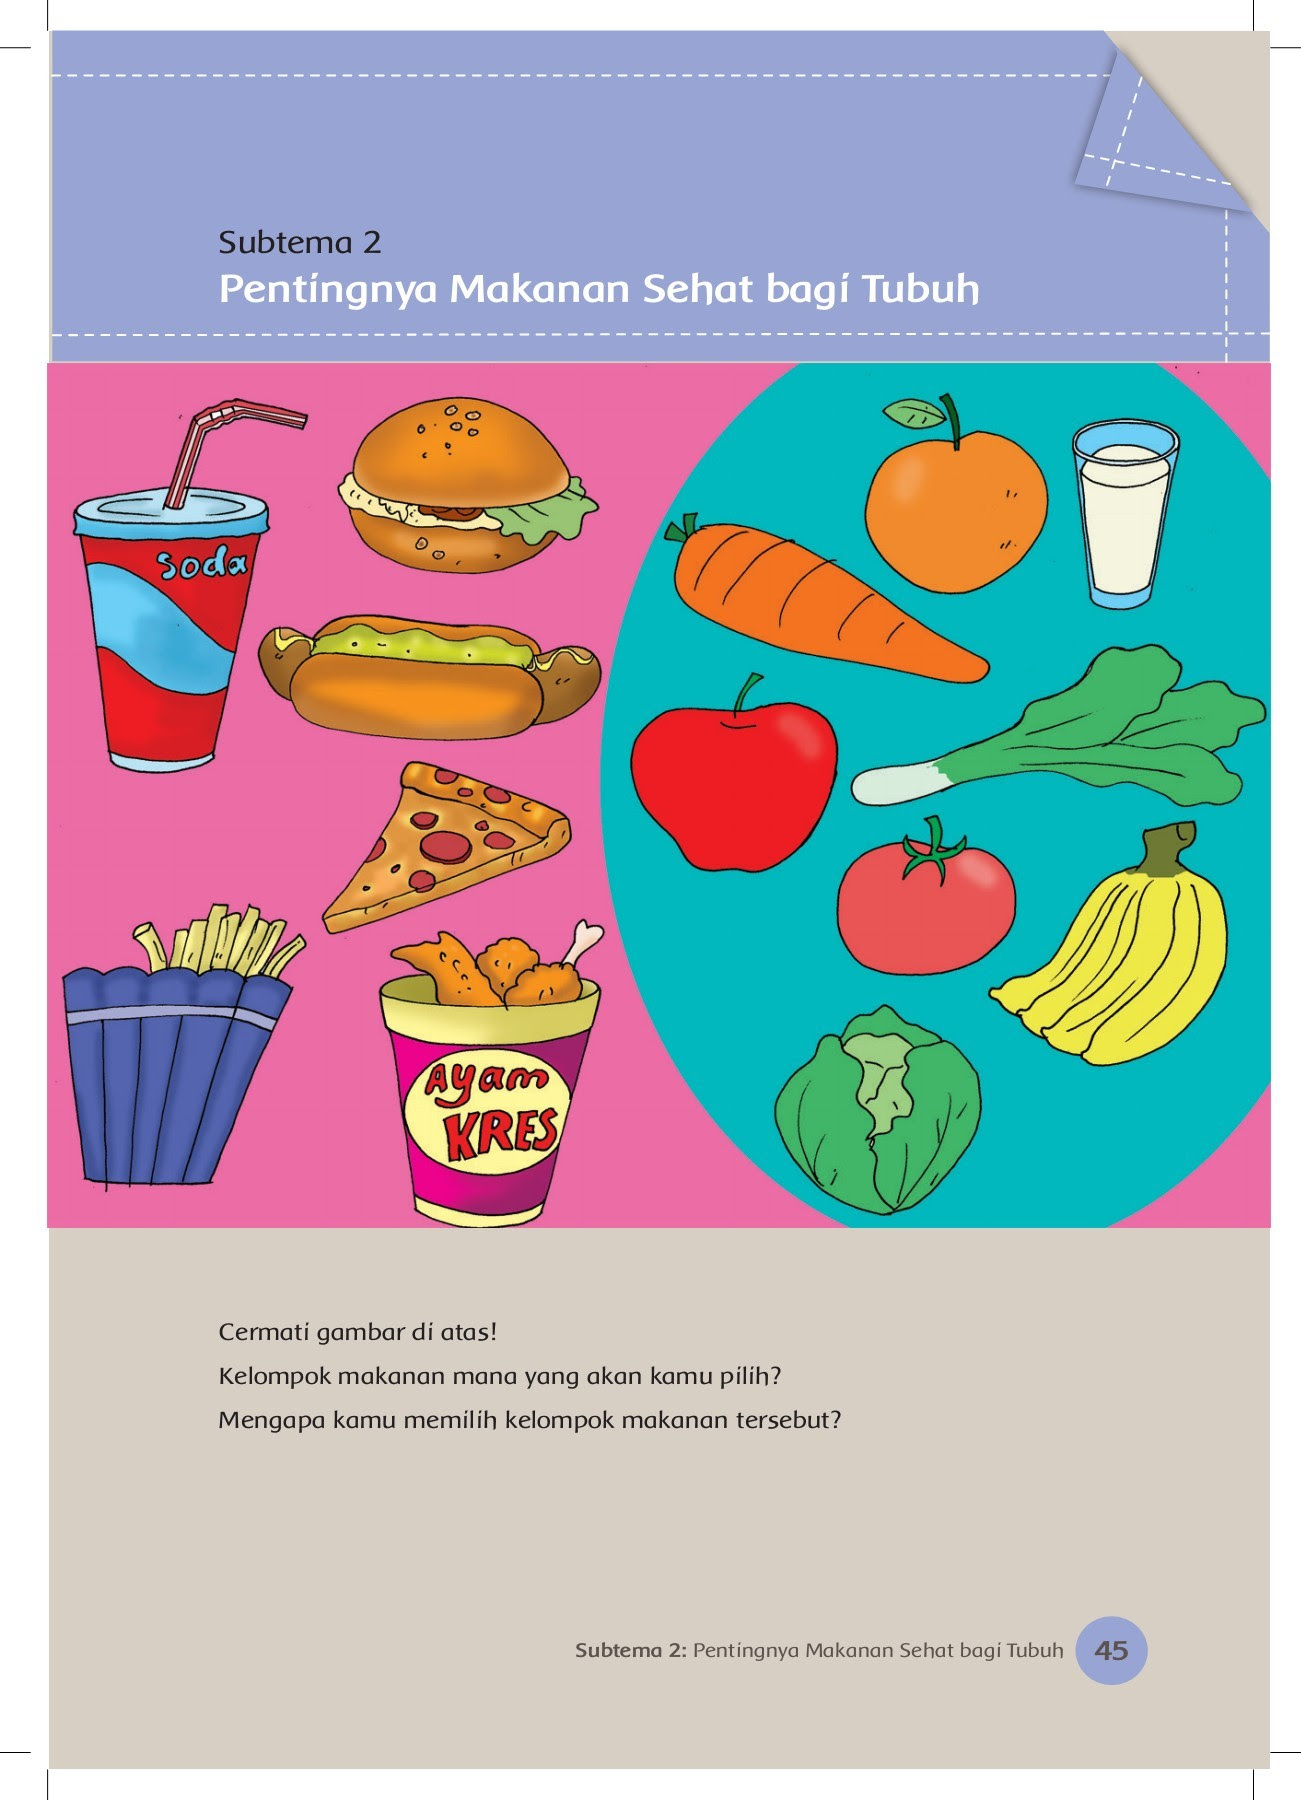 Contoh Iklan Makanan Sehat : contoh, iklan, makanan, sehat, Download, Contoh, Gambar, Iklan, Makanan, Sehat